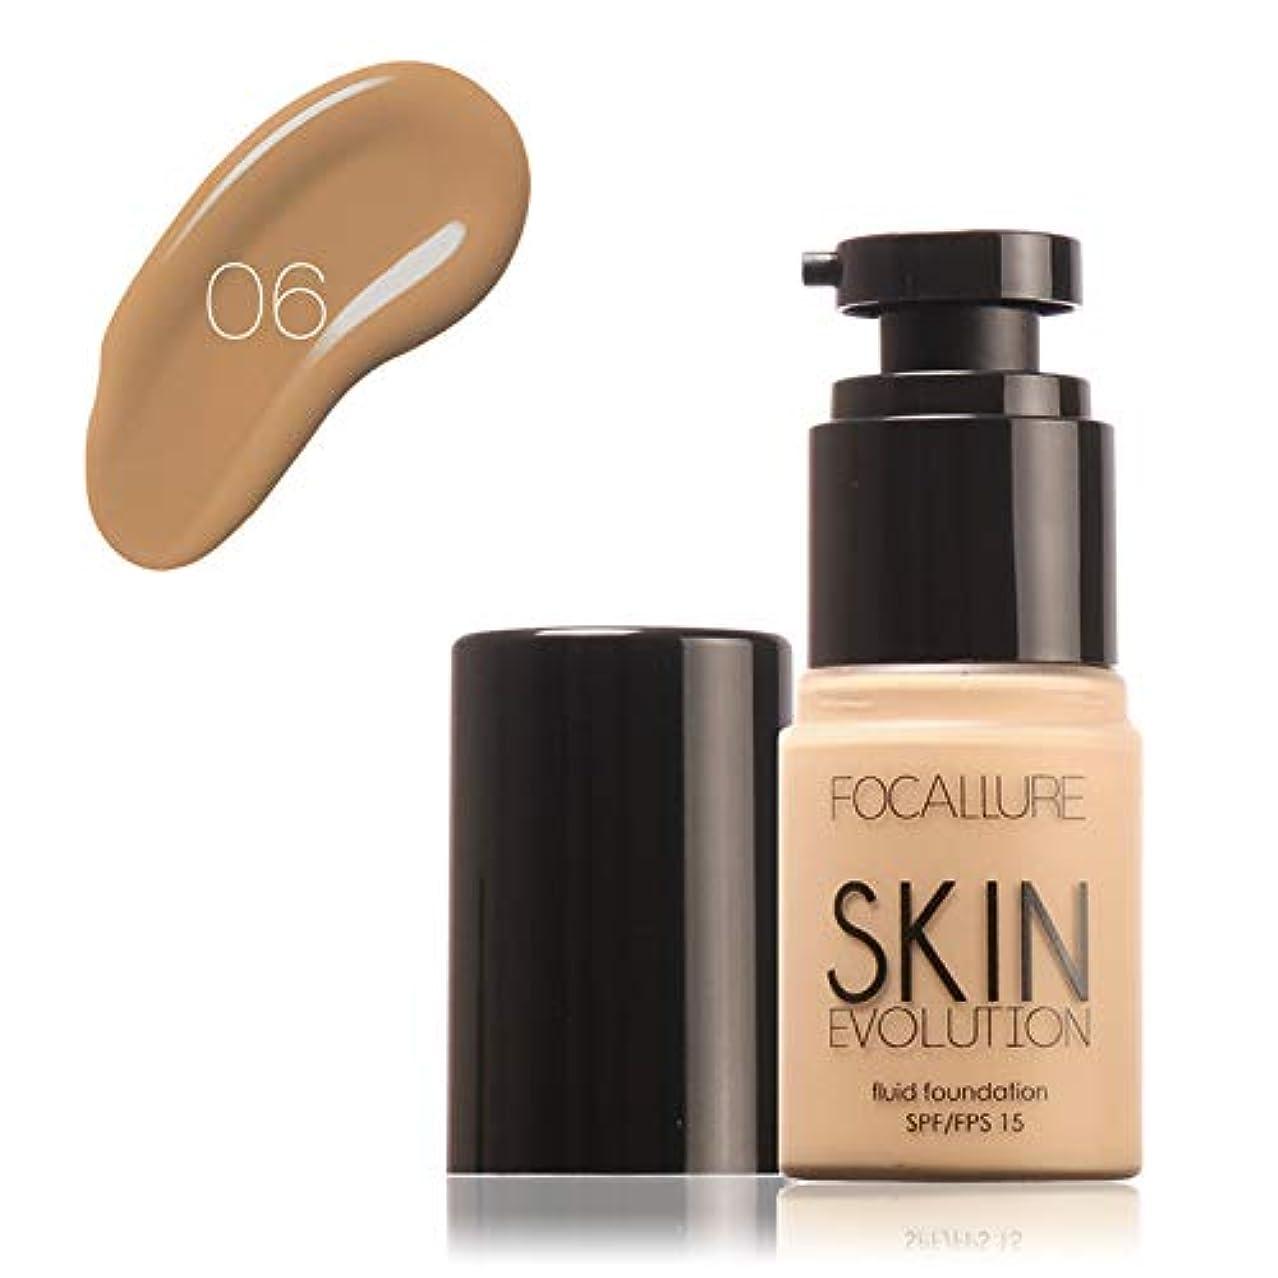 Symboat BBクリーム リキッド ファンデーション 美白 ブライトナー コンシーラー ロングラスティング フェイスベース プライマー メイクアップ 化粧ベース 美容 化粧品 シミ くま ニキビ隠し 日焼け止め UV対策